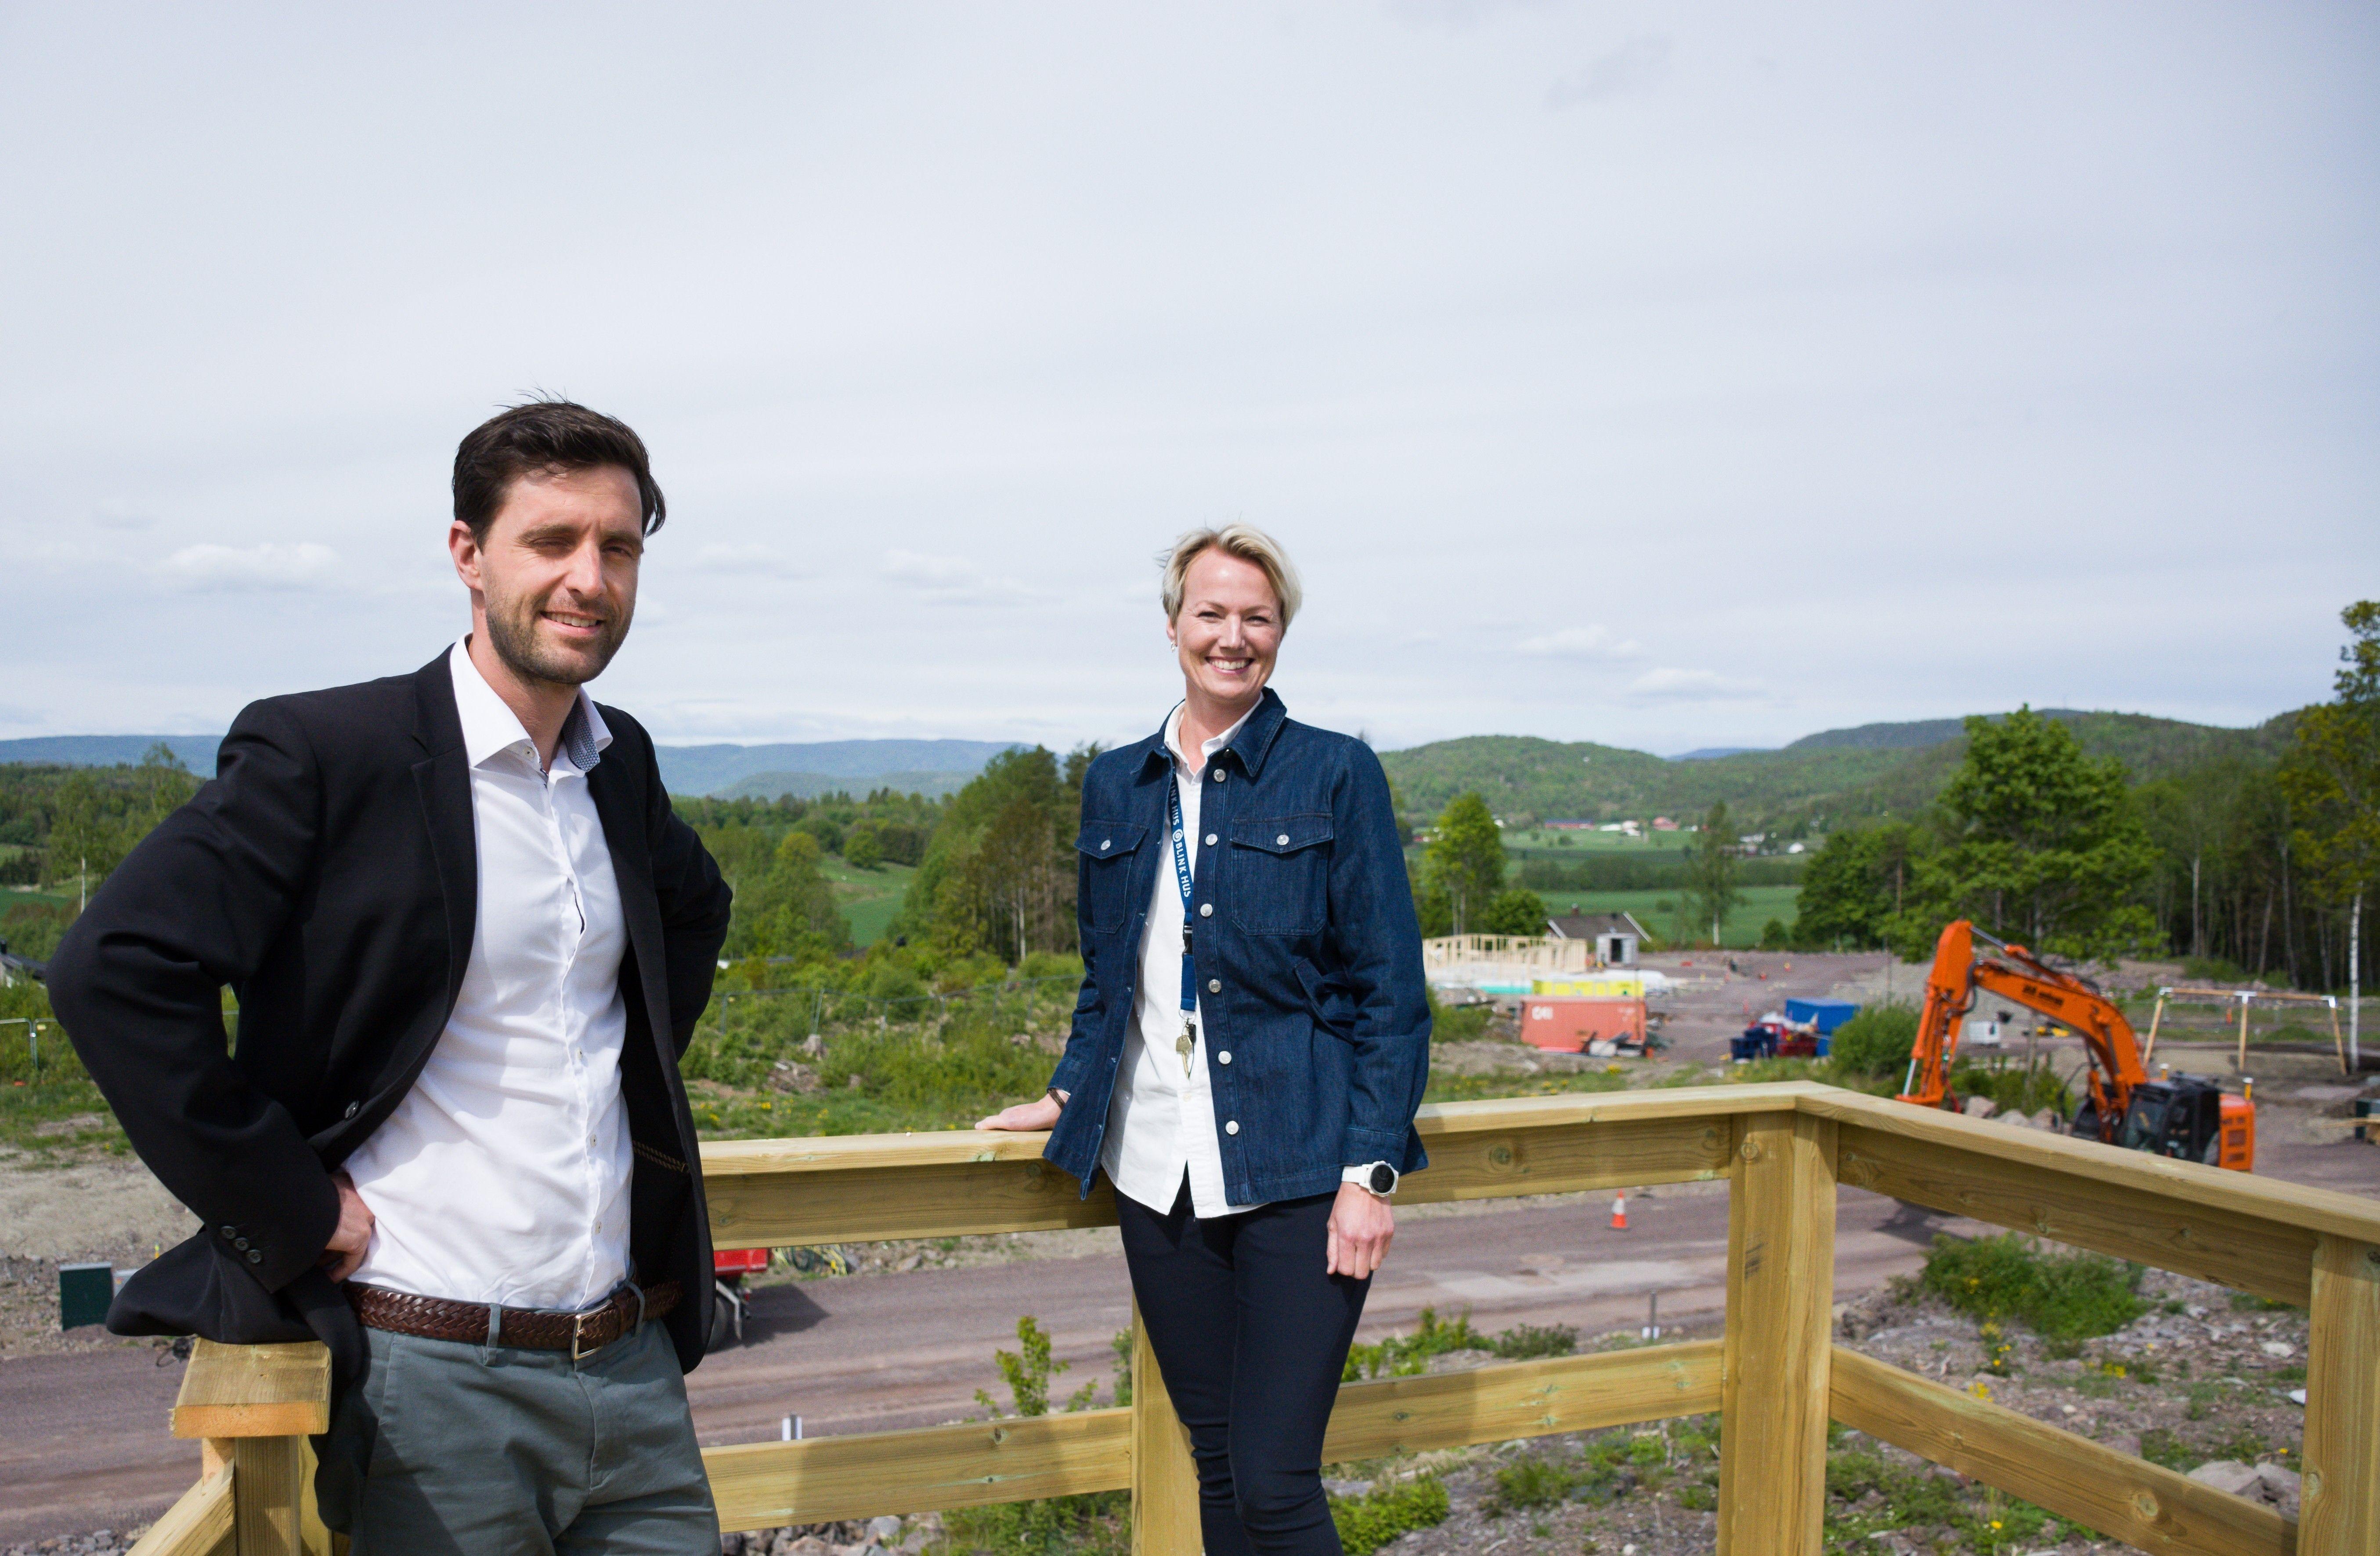 Christian Gjesdal Udgaard, daglig leder ved Nordvik Drammen og Kristin G. Søraker, salgsleder Prosjekt BoKvalitet AS, ønsker velkommen til Solenga - et nytt prosjekt med flott beliggenhet.